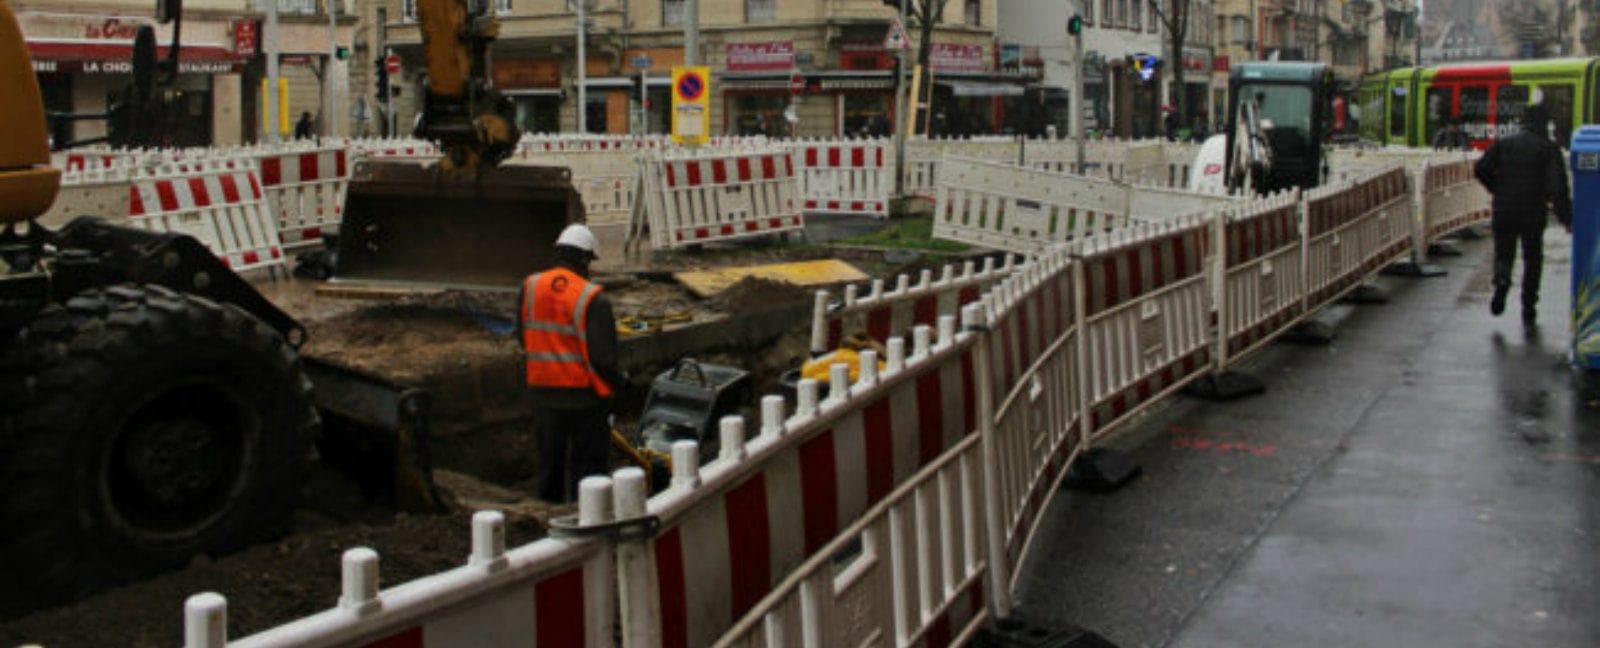 Tram vers Kœnigshoffen: l'urgence des travaux contestée devant le juge administratif